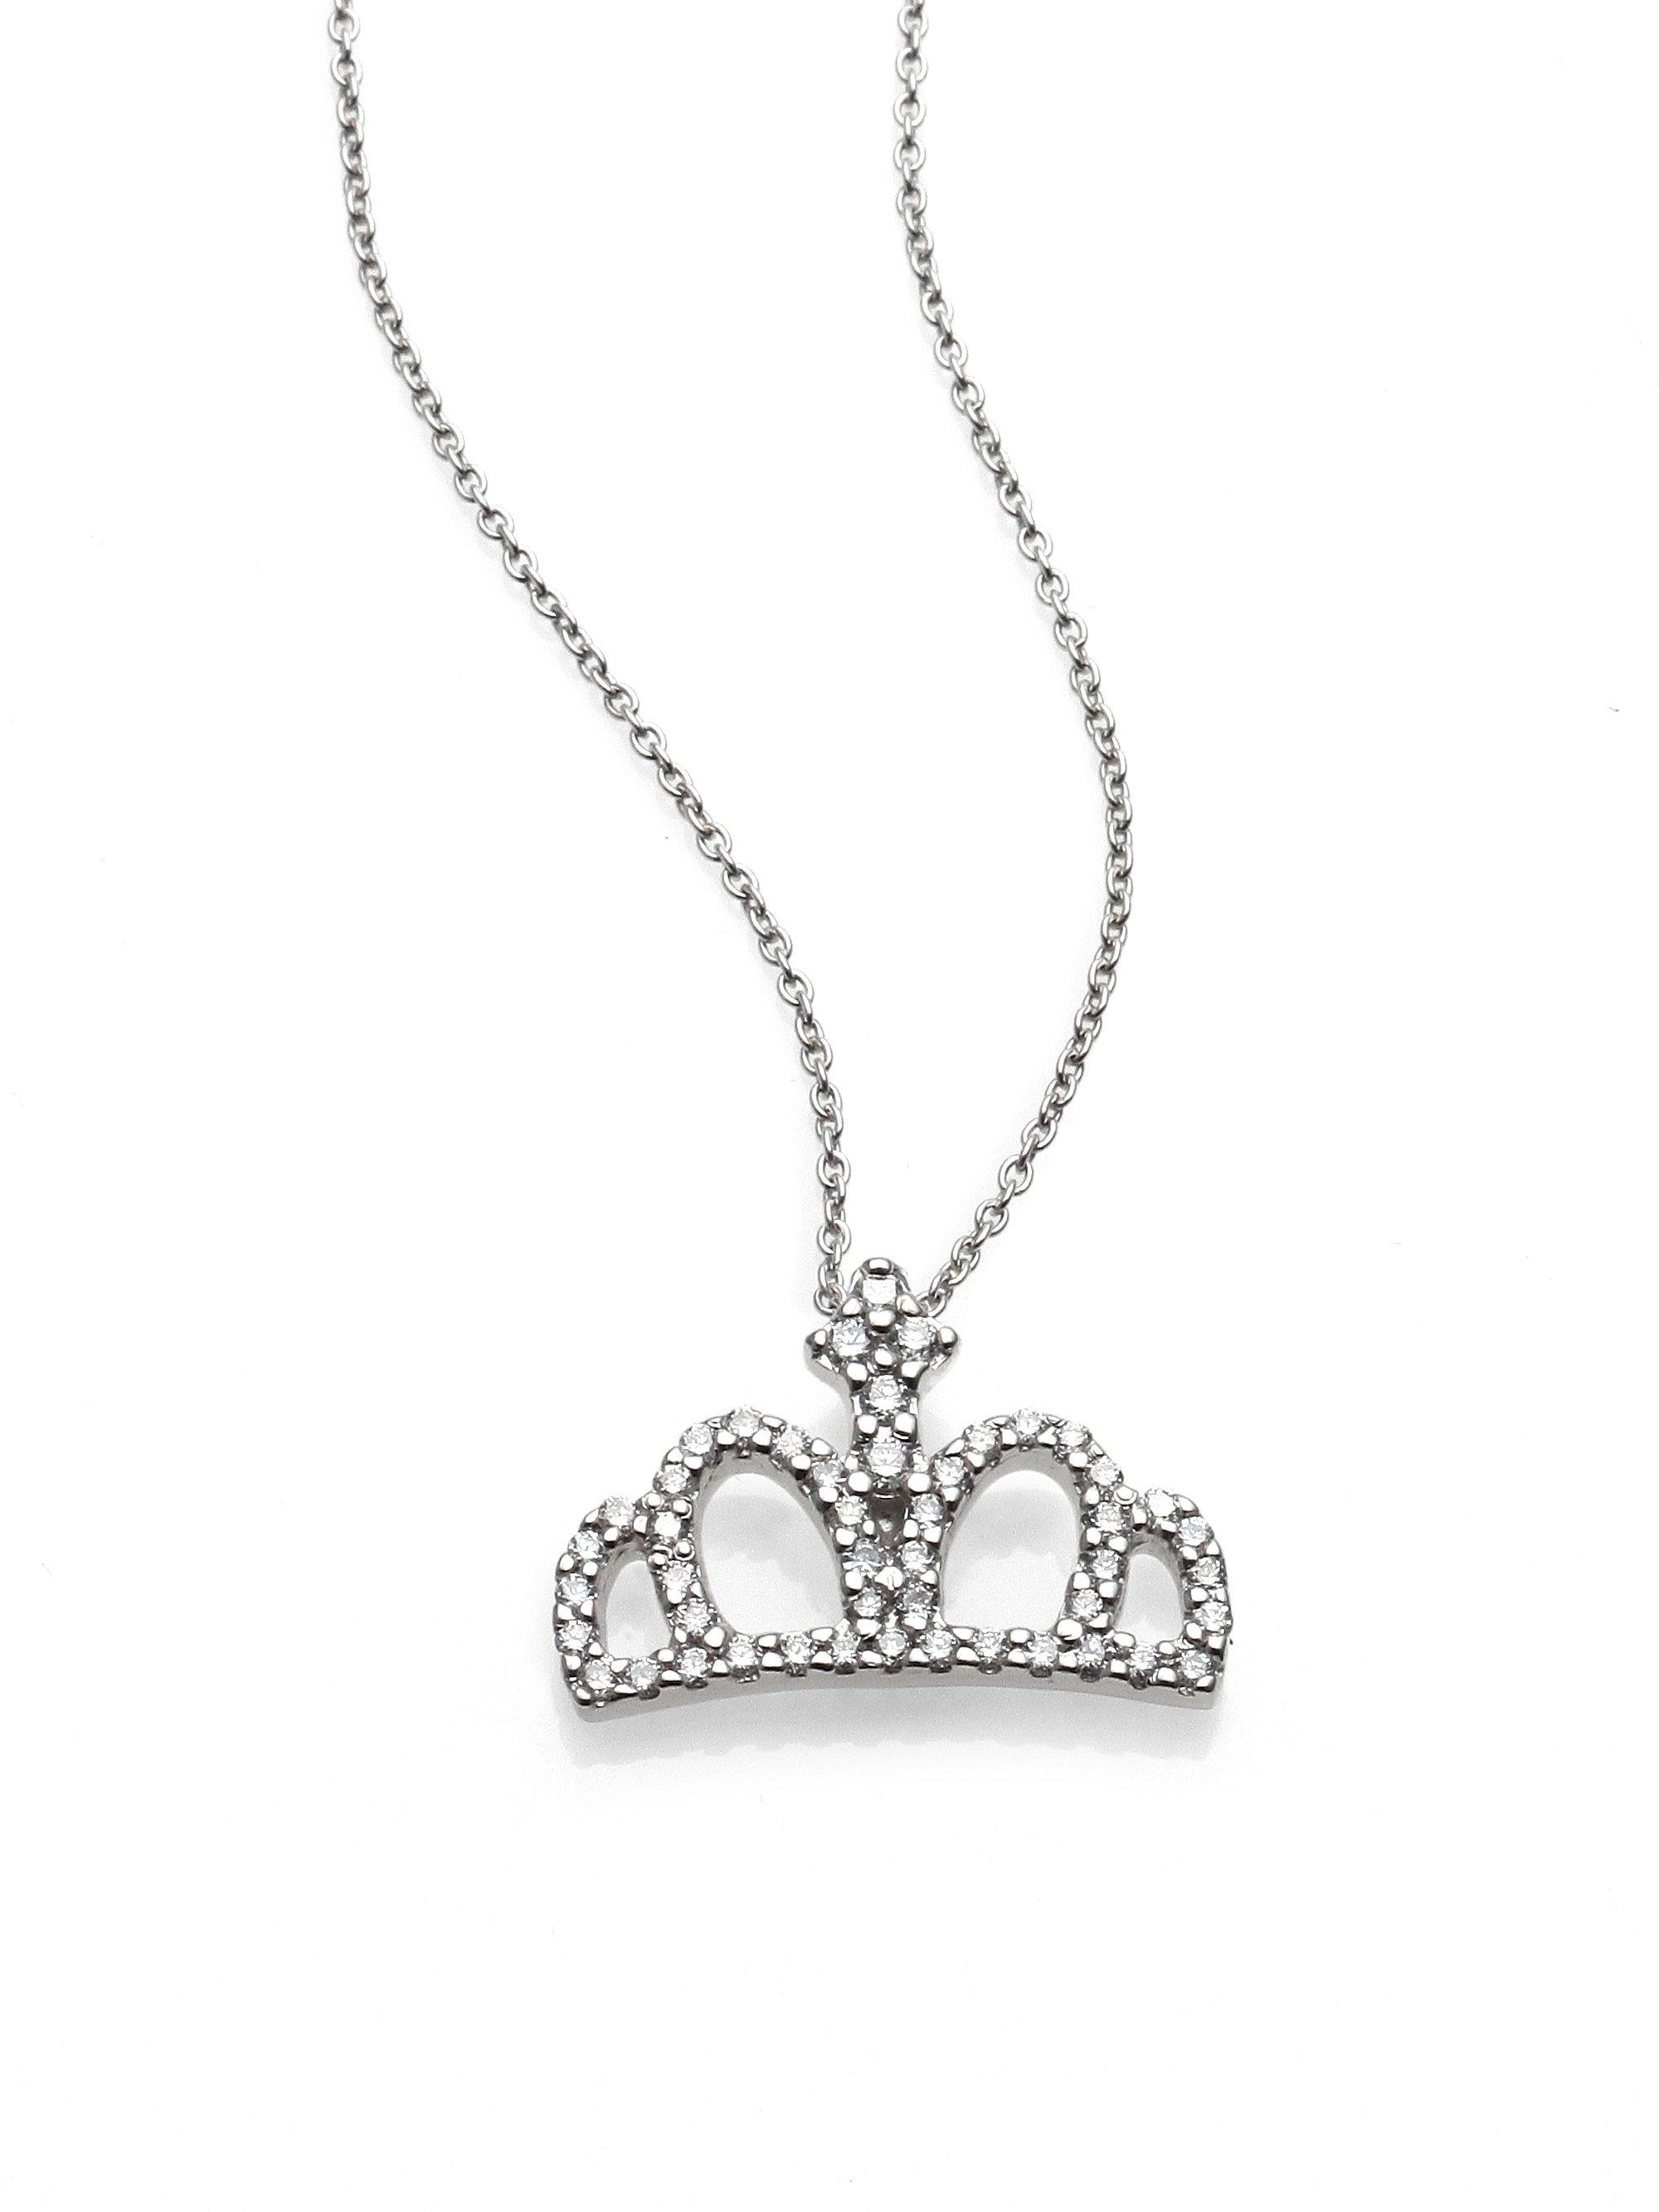 Roberto Coin Tiny Treasures Diamond Amp 18k White Gold Crown